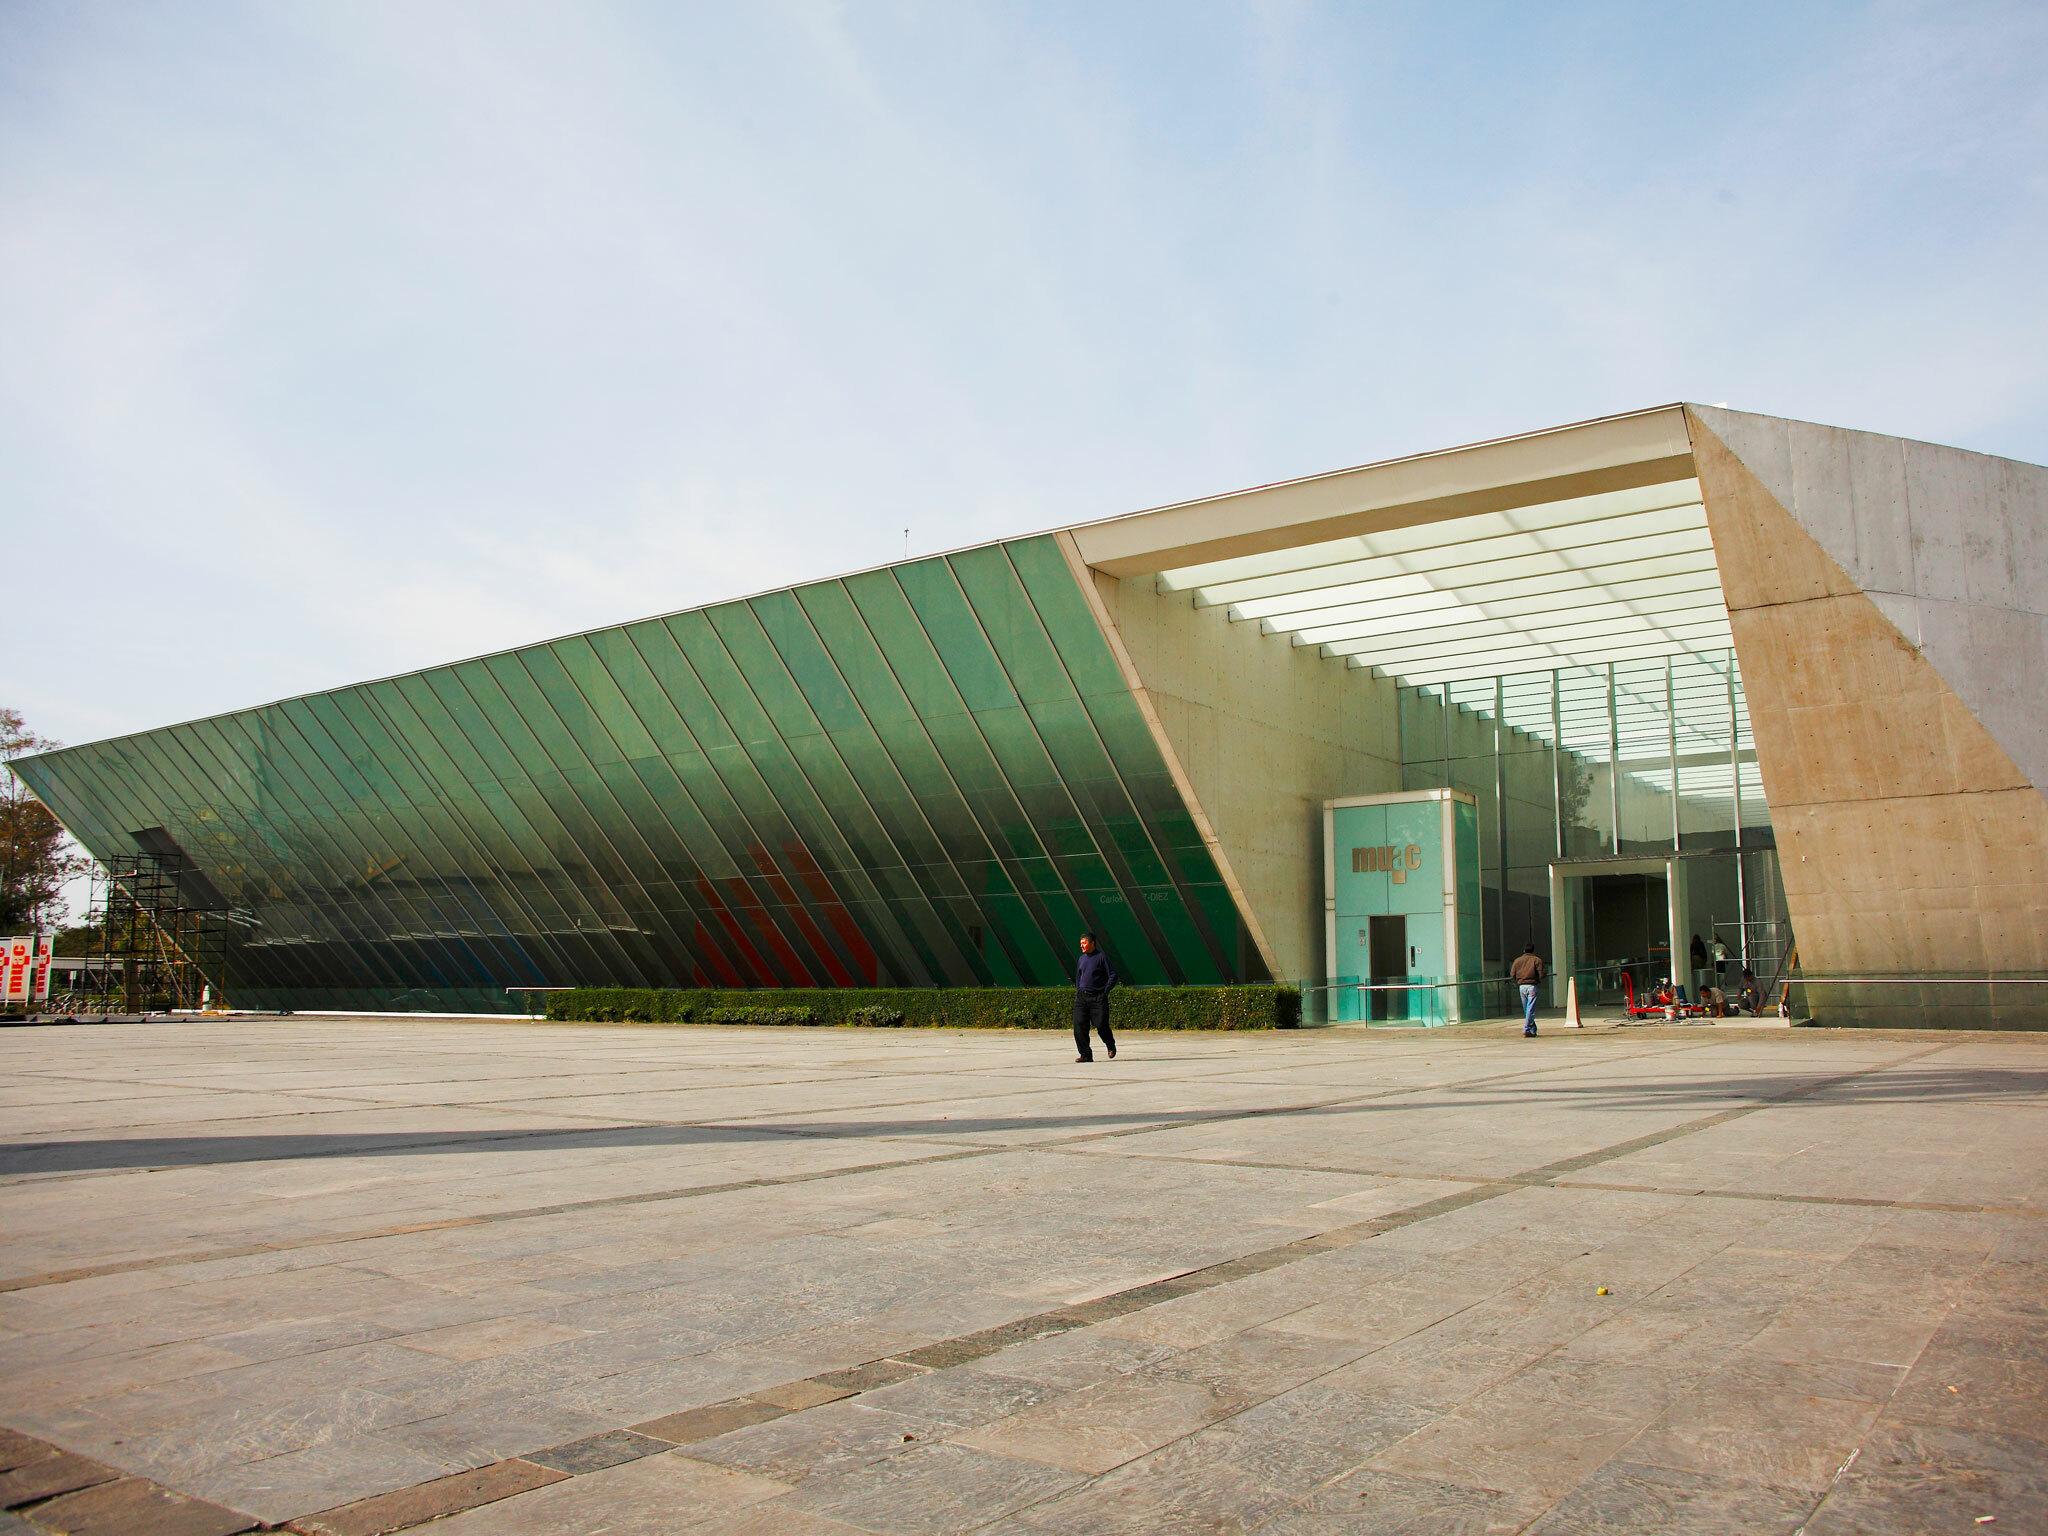 El MUAC abre la Sala 10, un espacio virtual de arte para todos